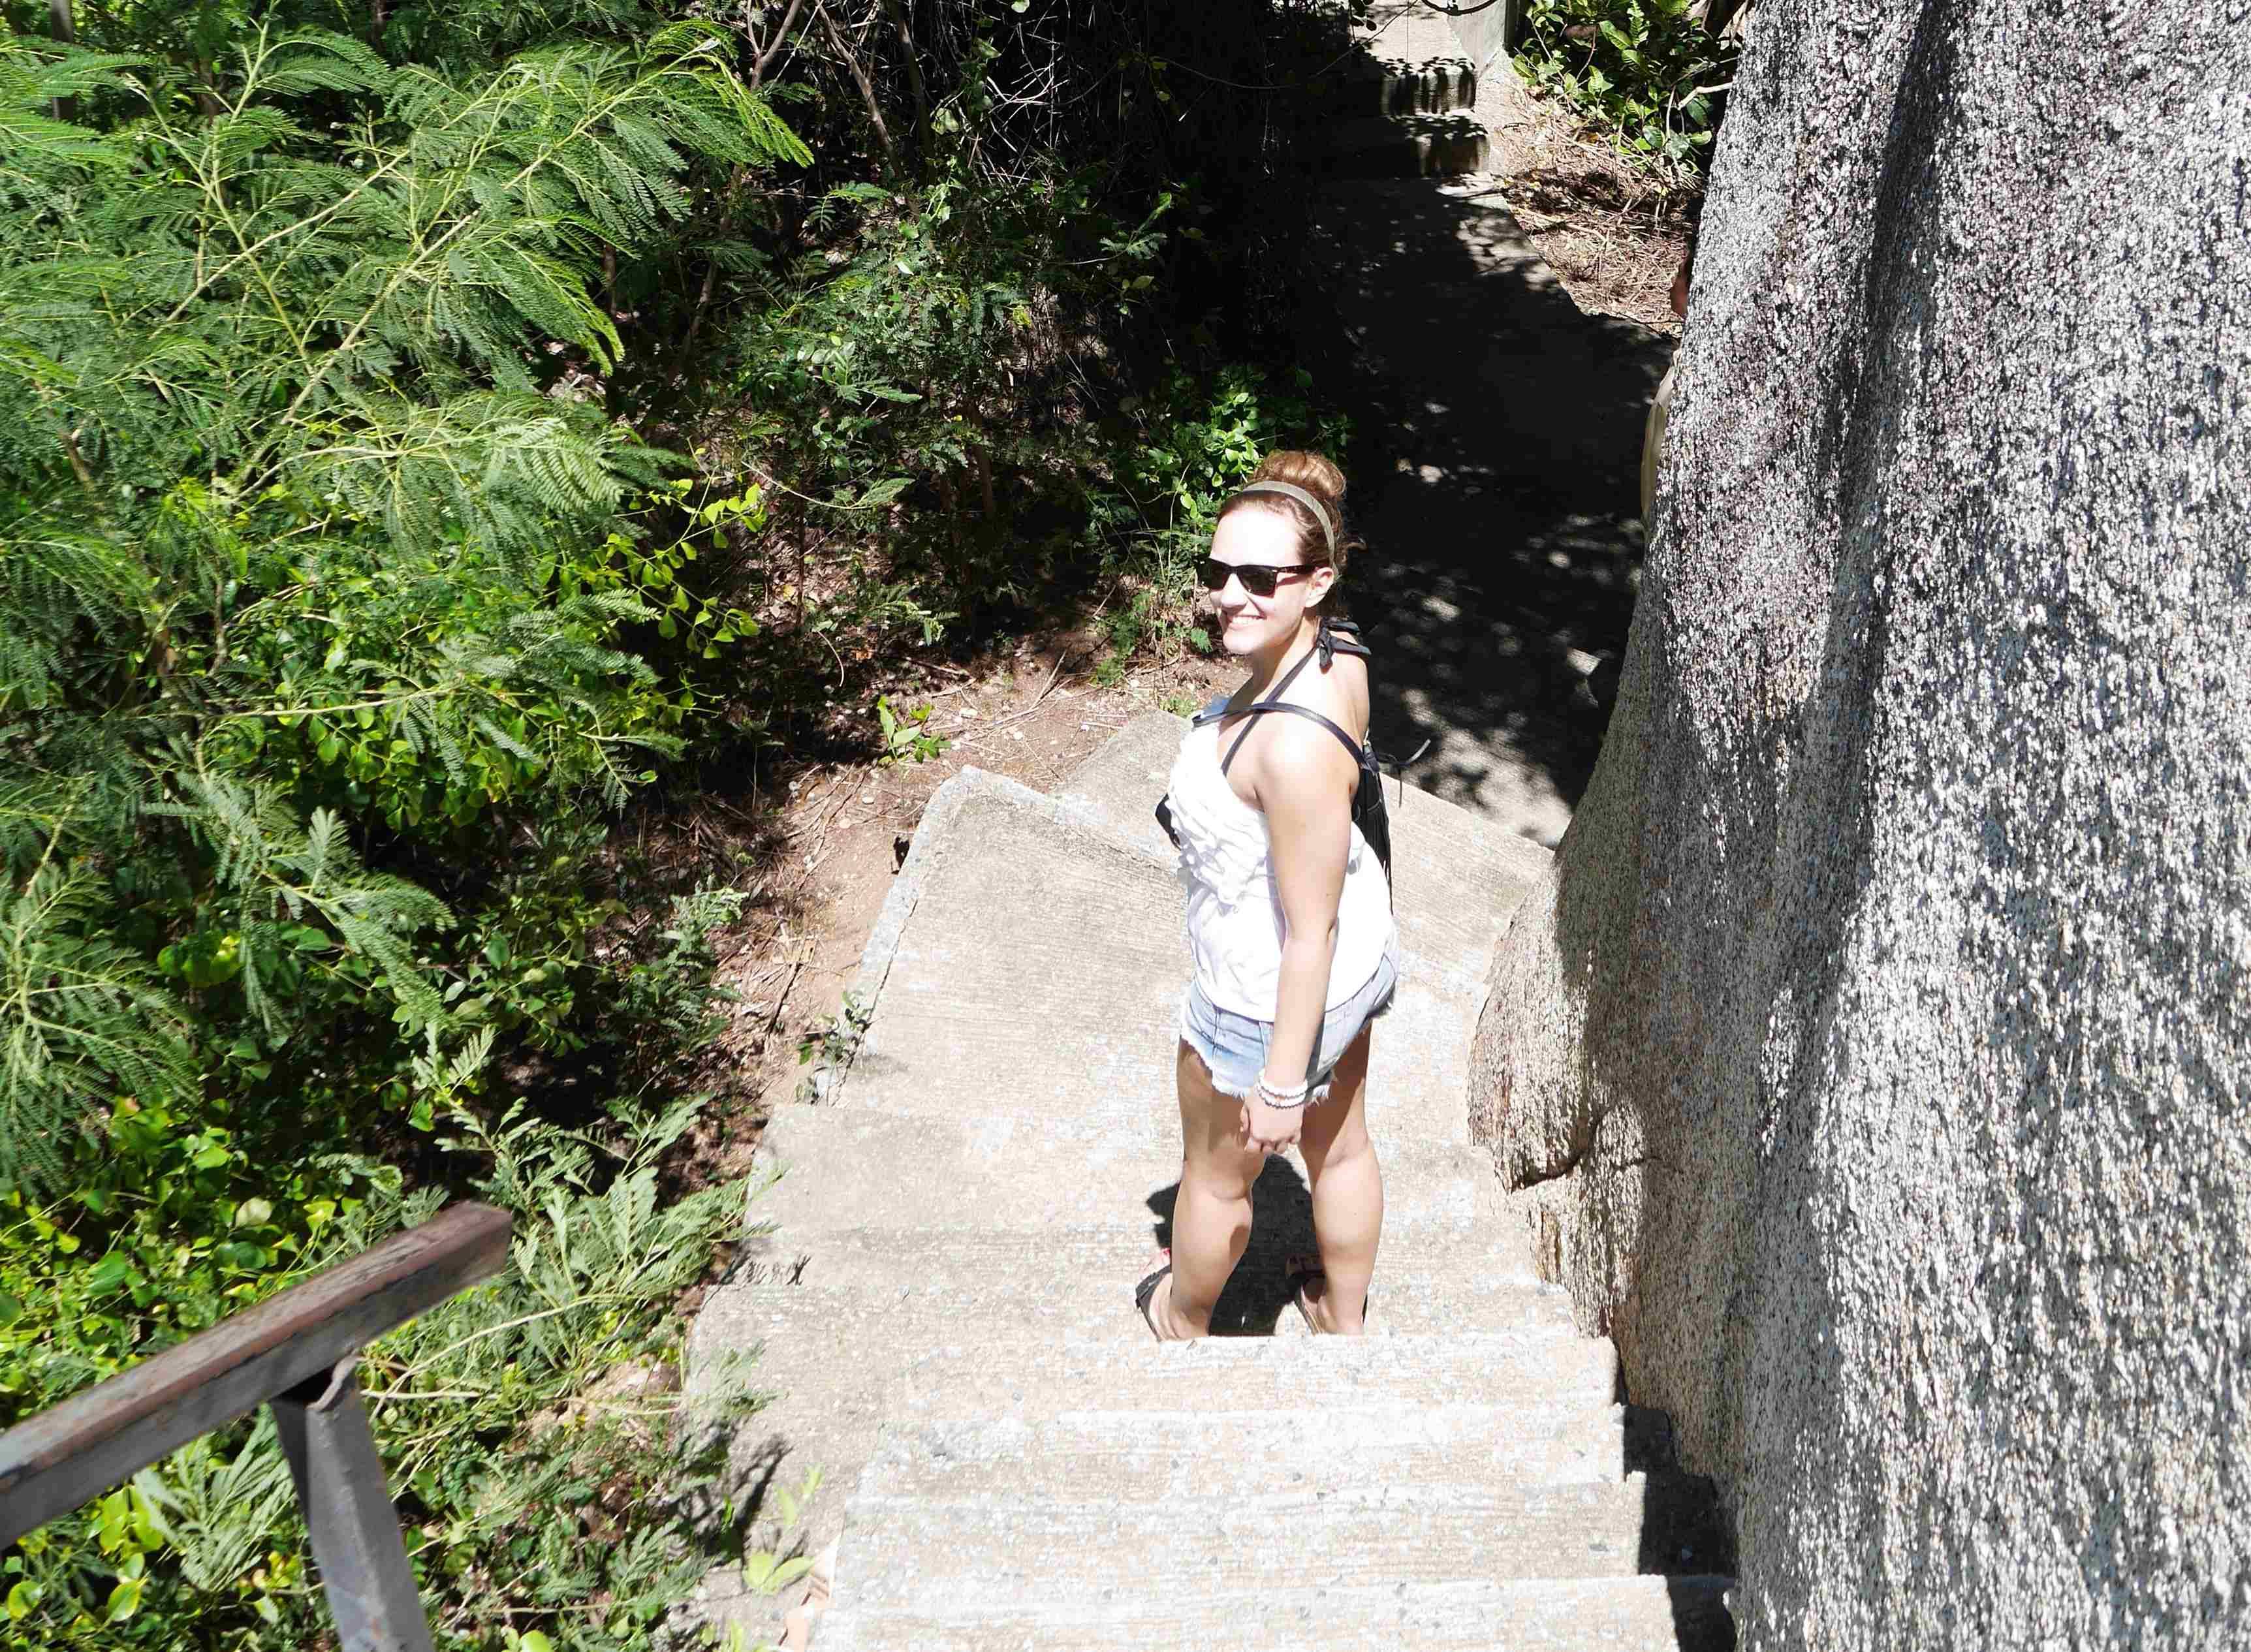 Bangkok bis Koh Samui   Thailand für Einsteiger thailand strand staedtereisen sonne reisebericht asien  tui berlin thailand ines bytomski